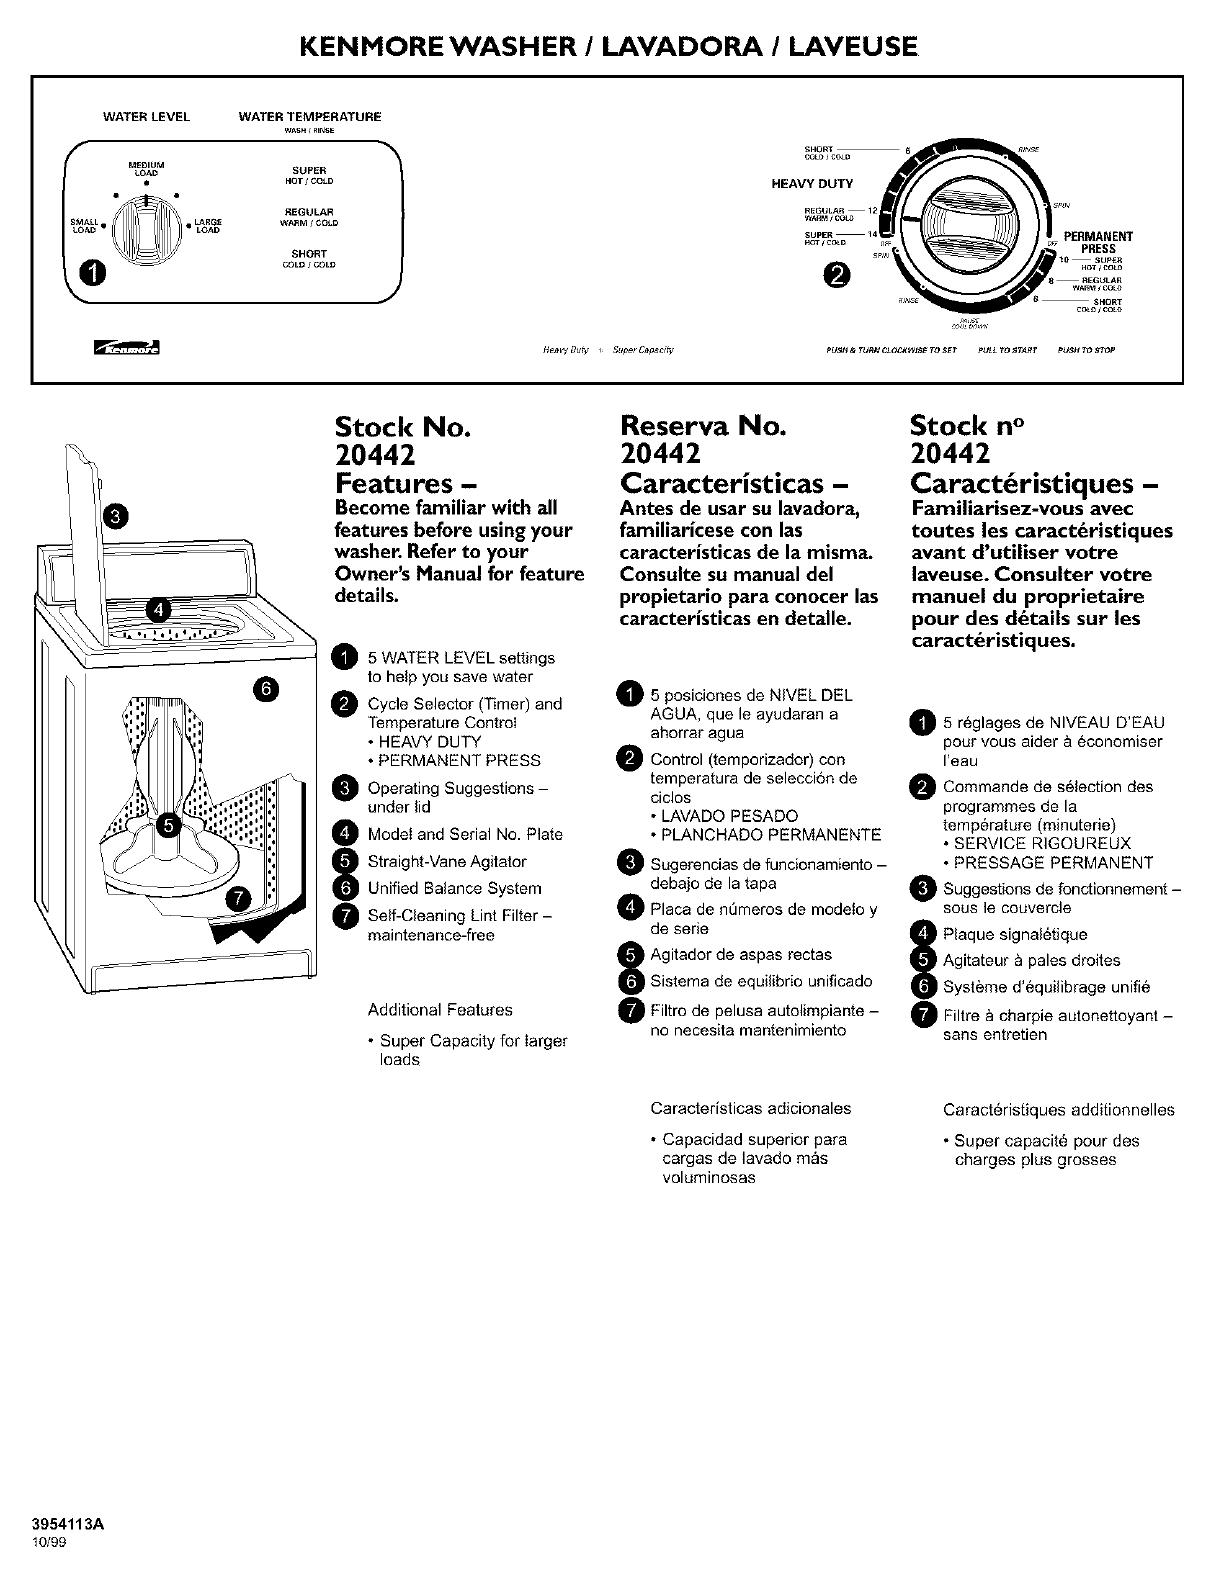 Kenmore Manual